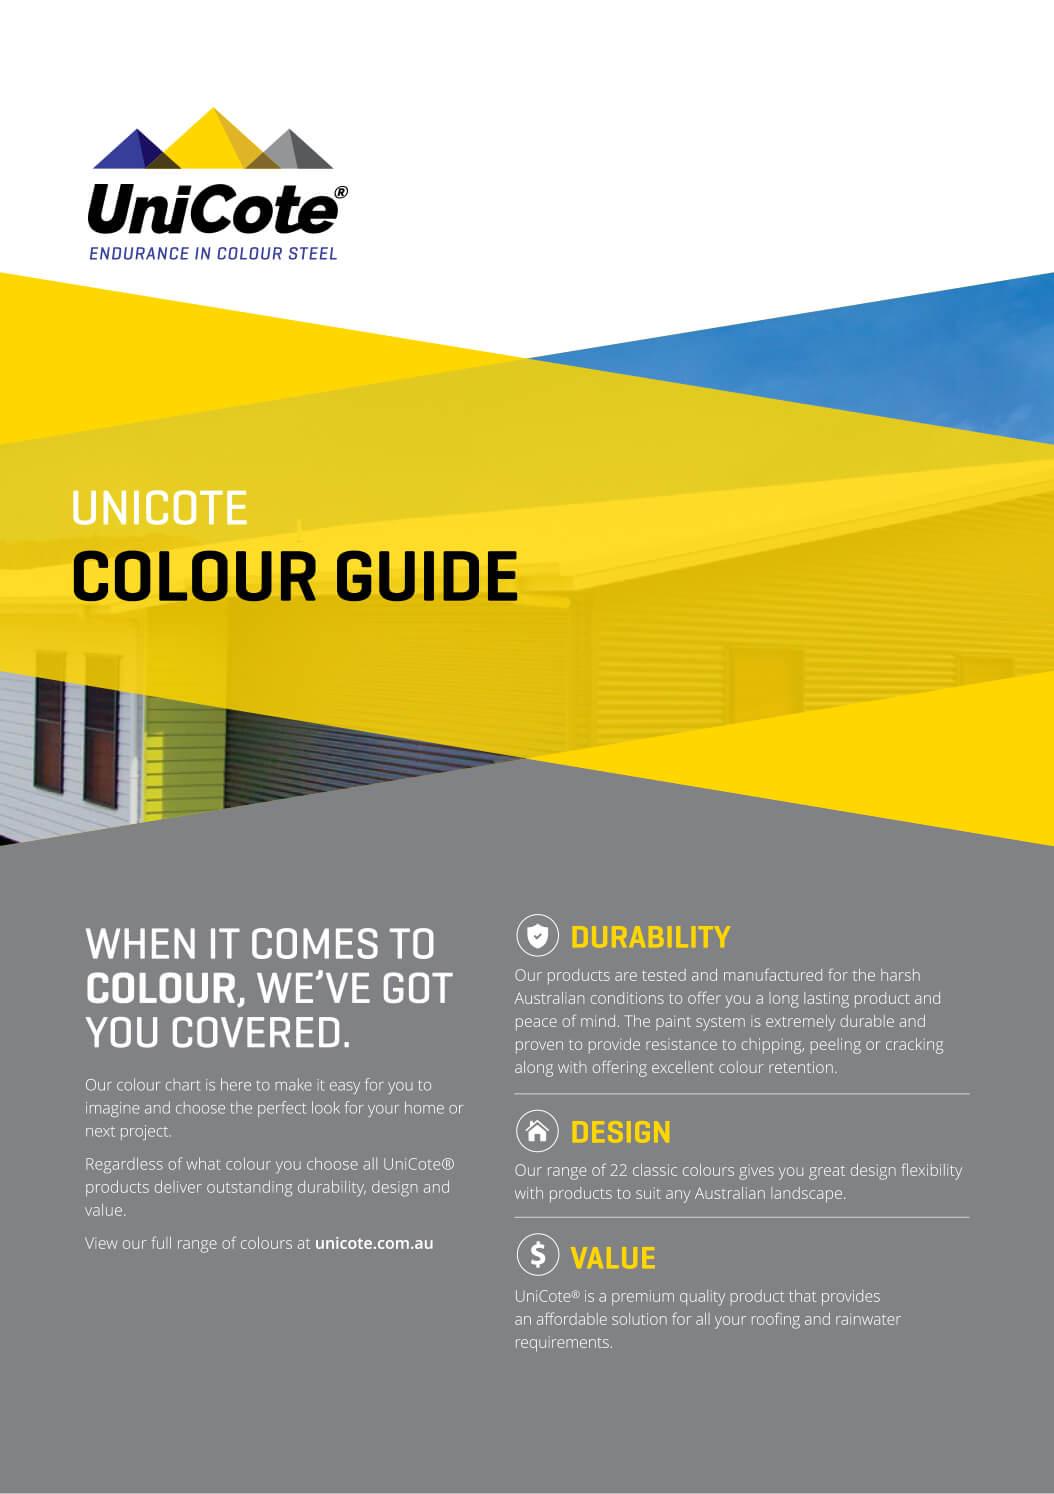 Unicote Colour Guide